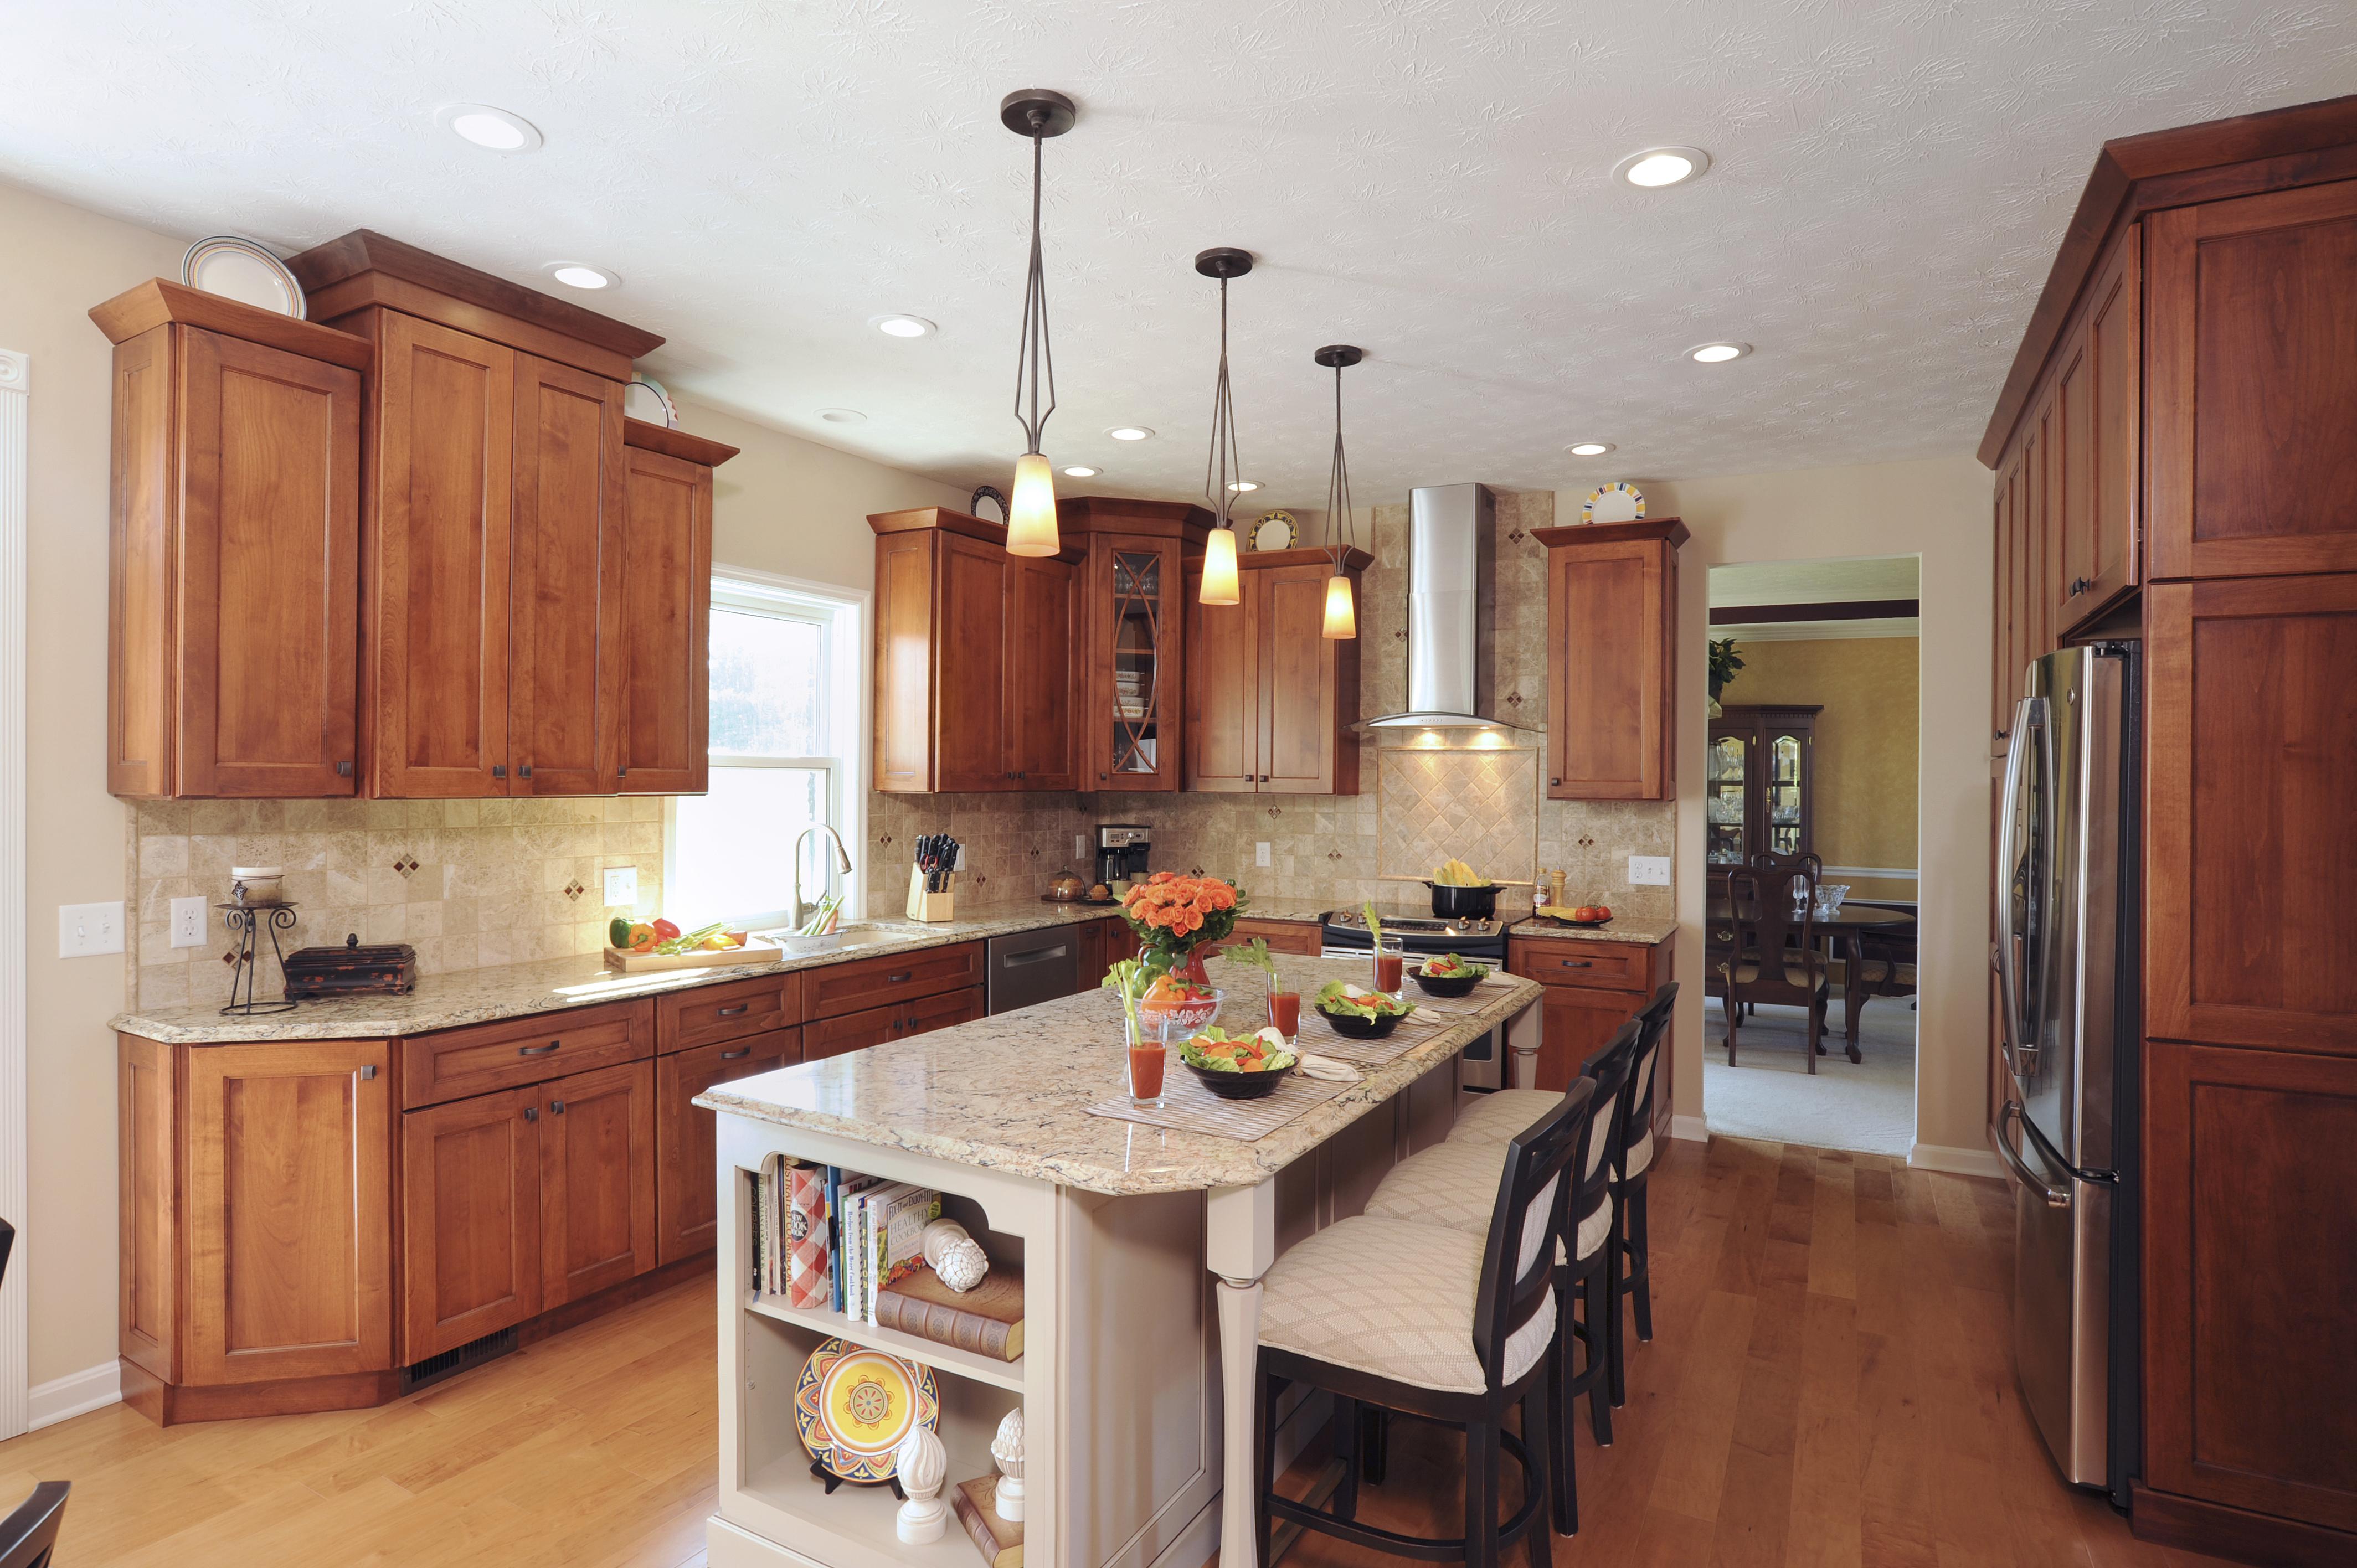 remdes wordpress kitchen remodel cincinnati Kitchen Remodel Dayton OH